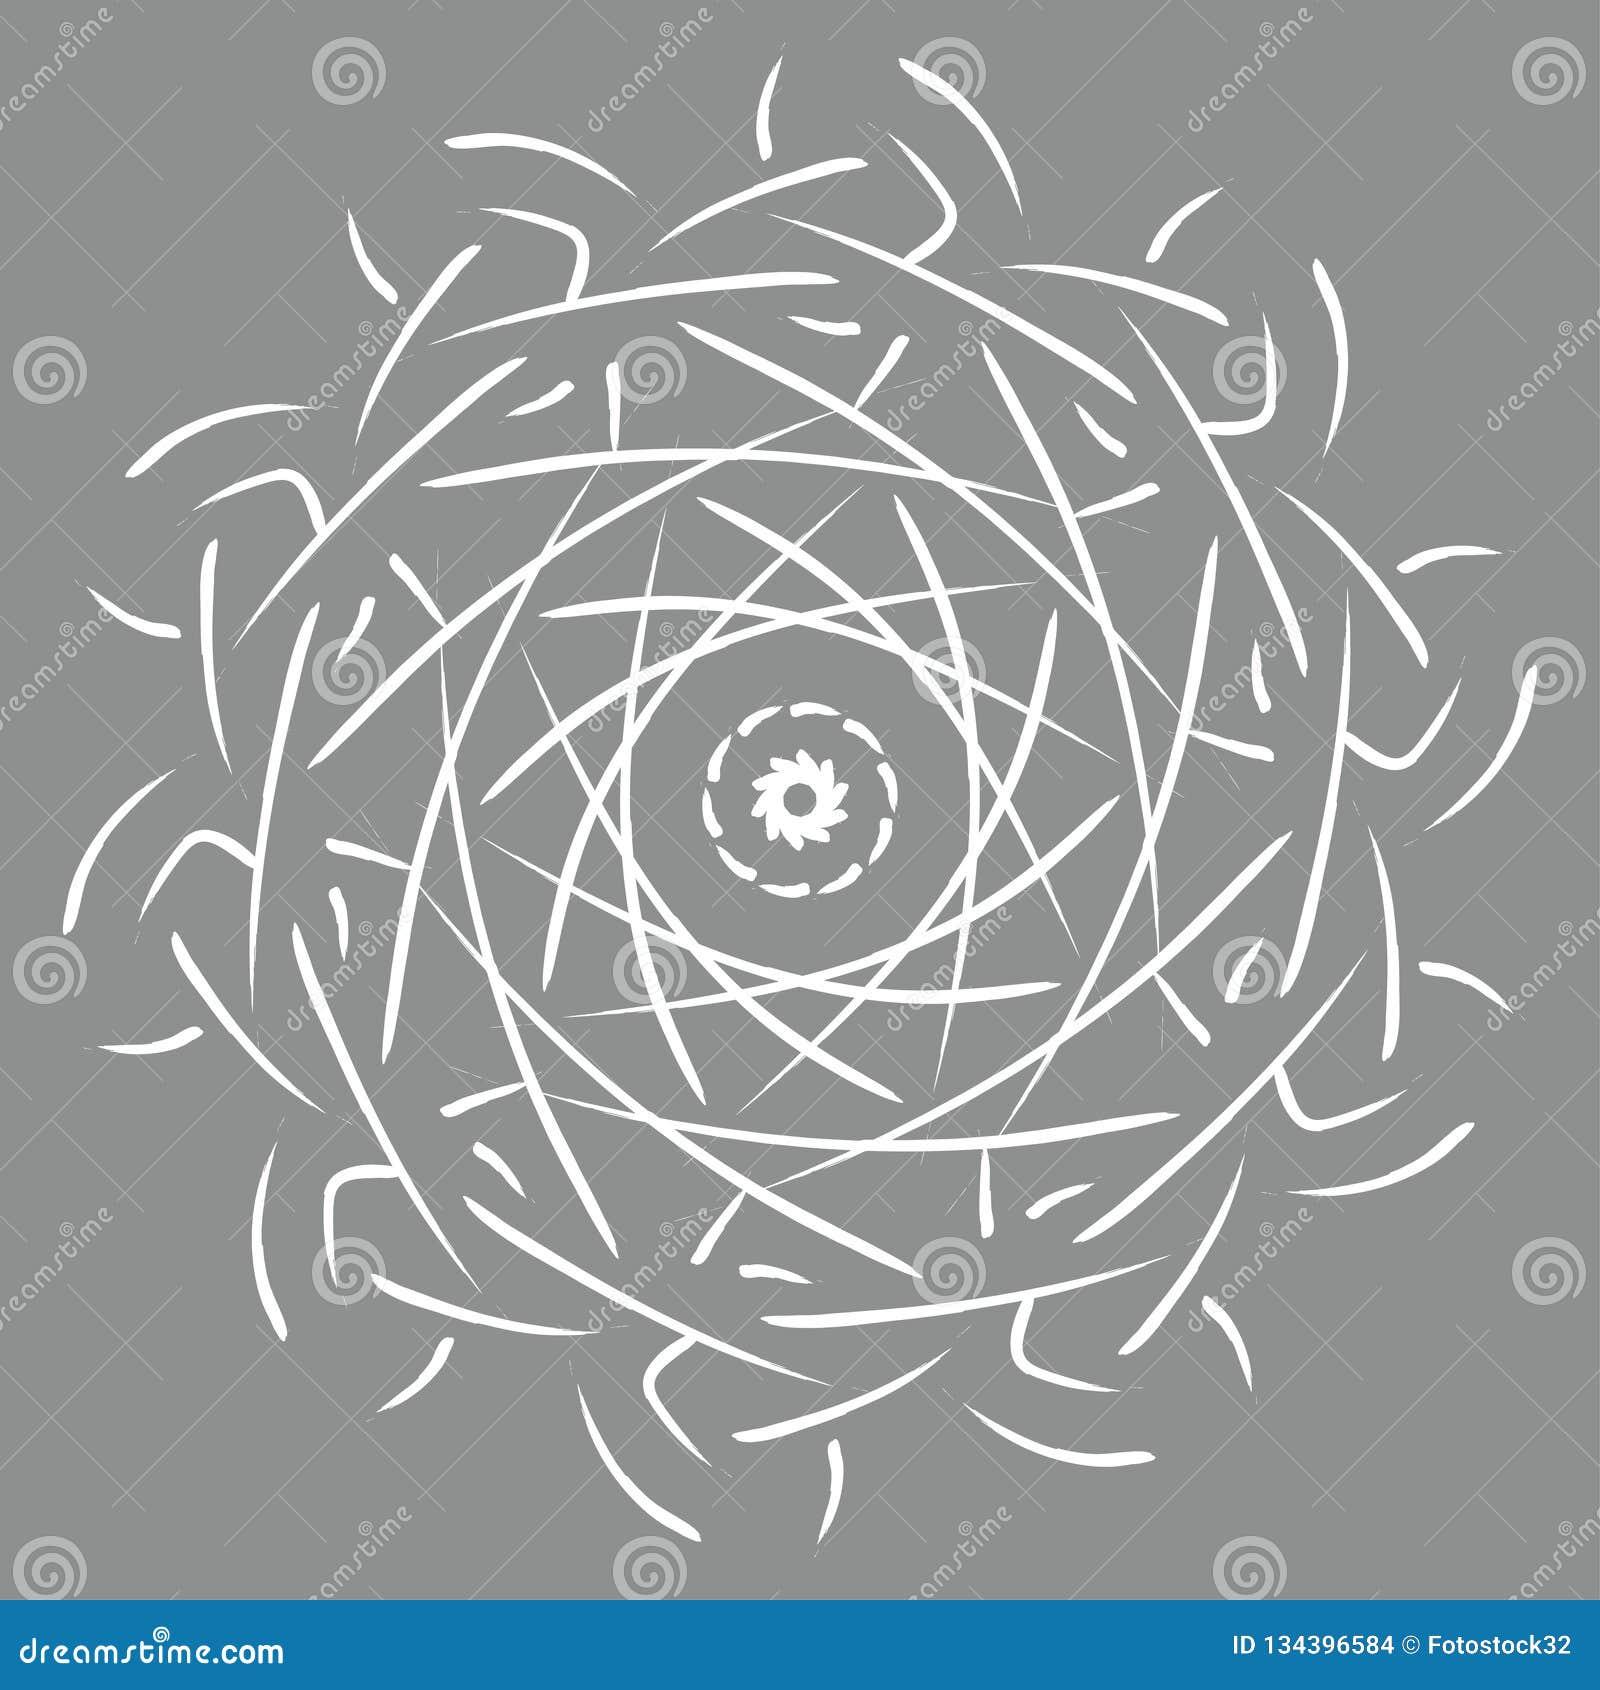 Διανυσματική απεικόνιση Mandala Στρογγυλό αφηρημένο floral ασιατικό σχέδιο, εκλεκτής ποιότητας διακοσμητικά στοιχεία